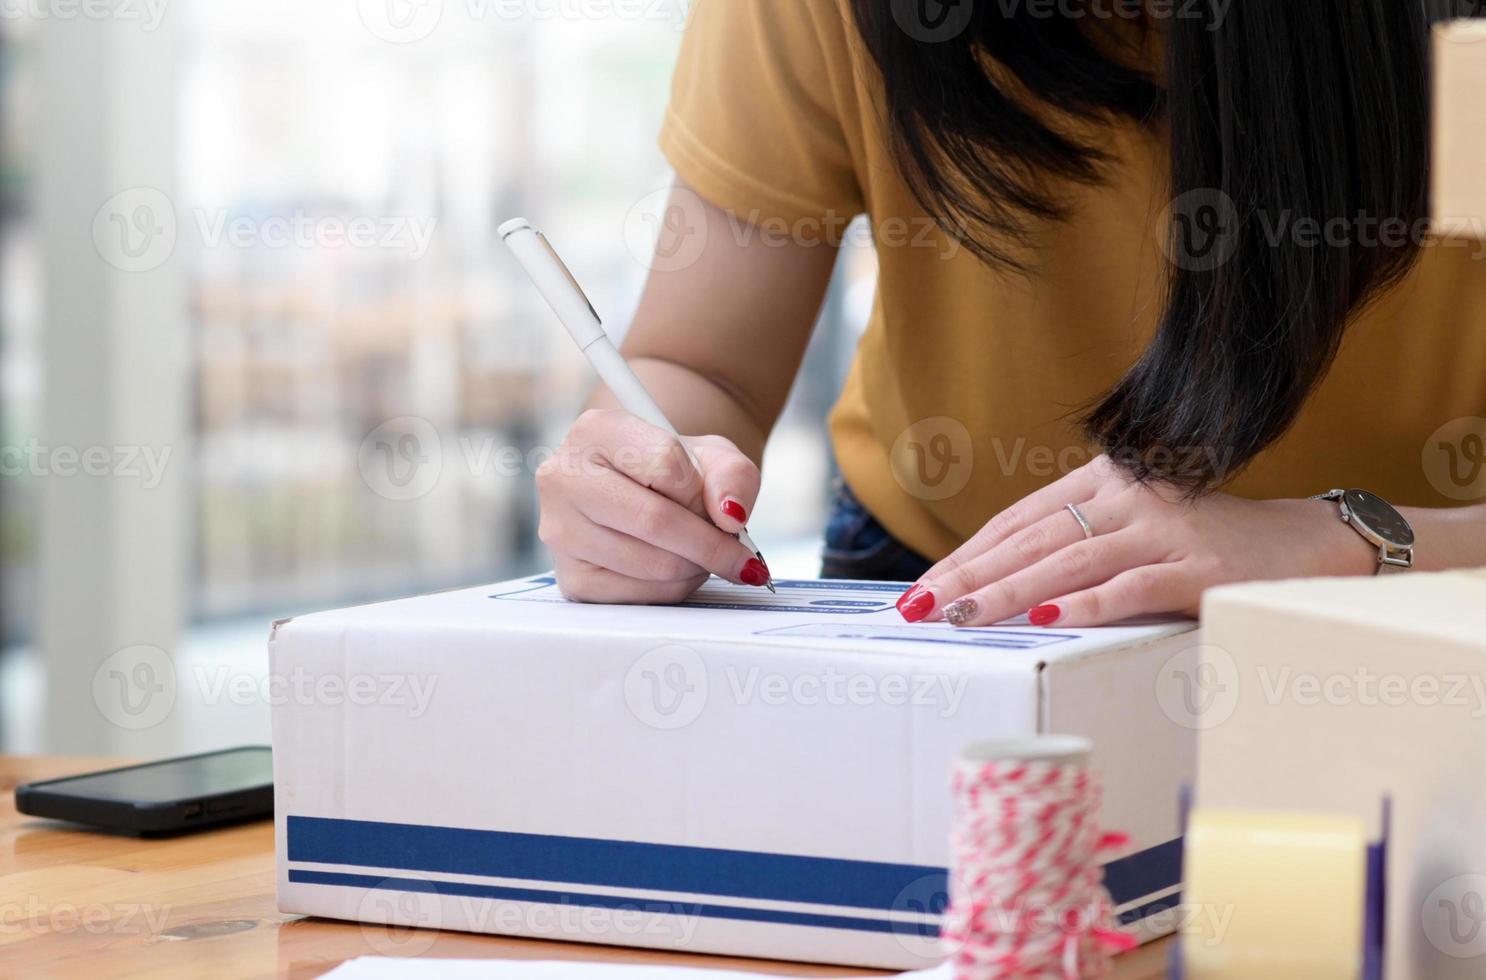 flickan skrev adressen på kartongen för att leverera paketet. foto